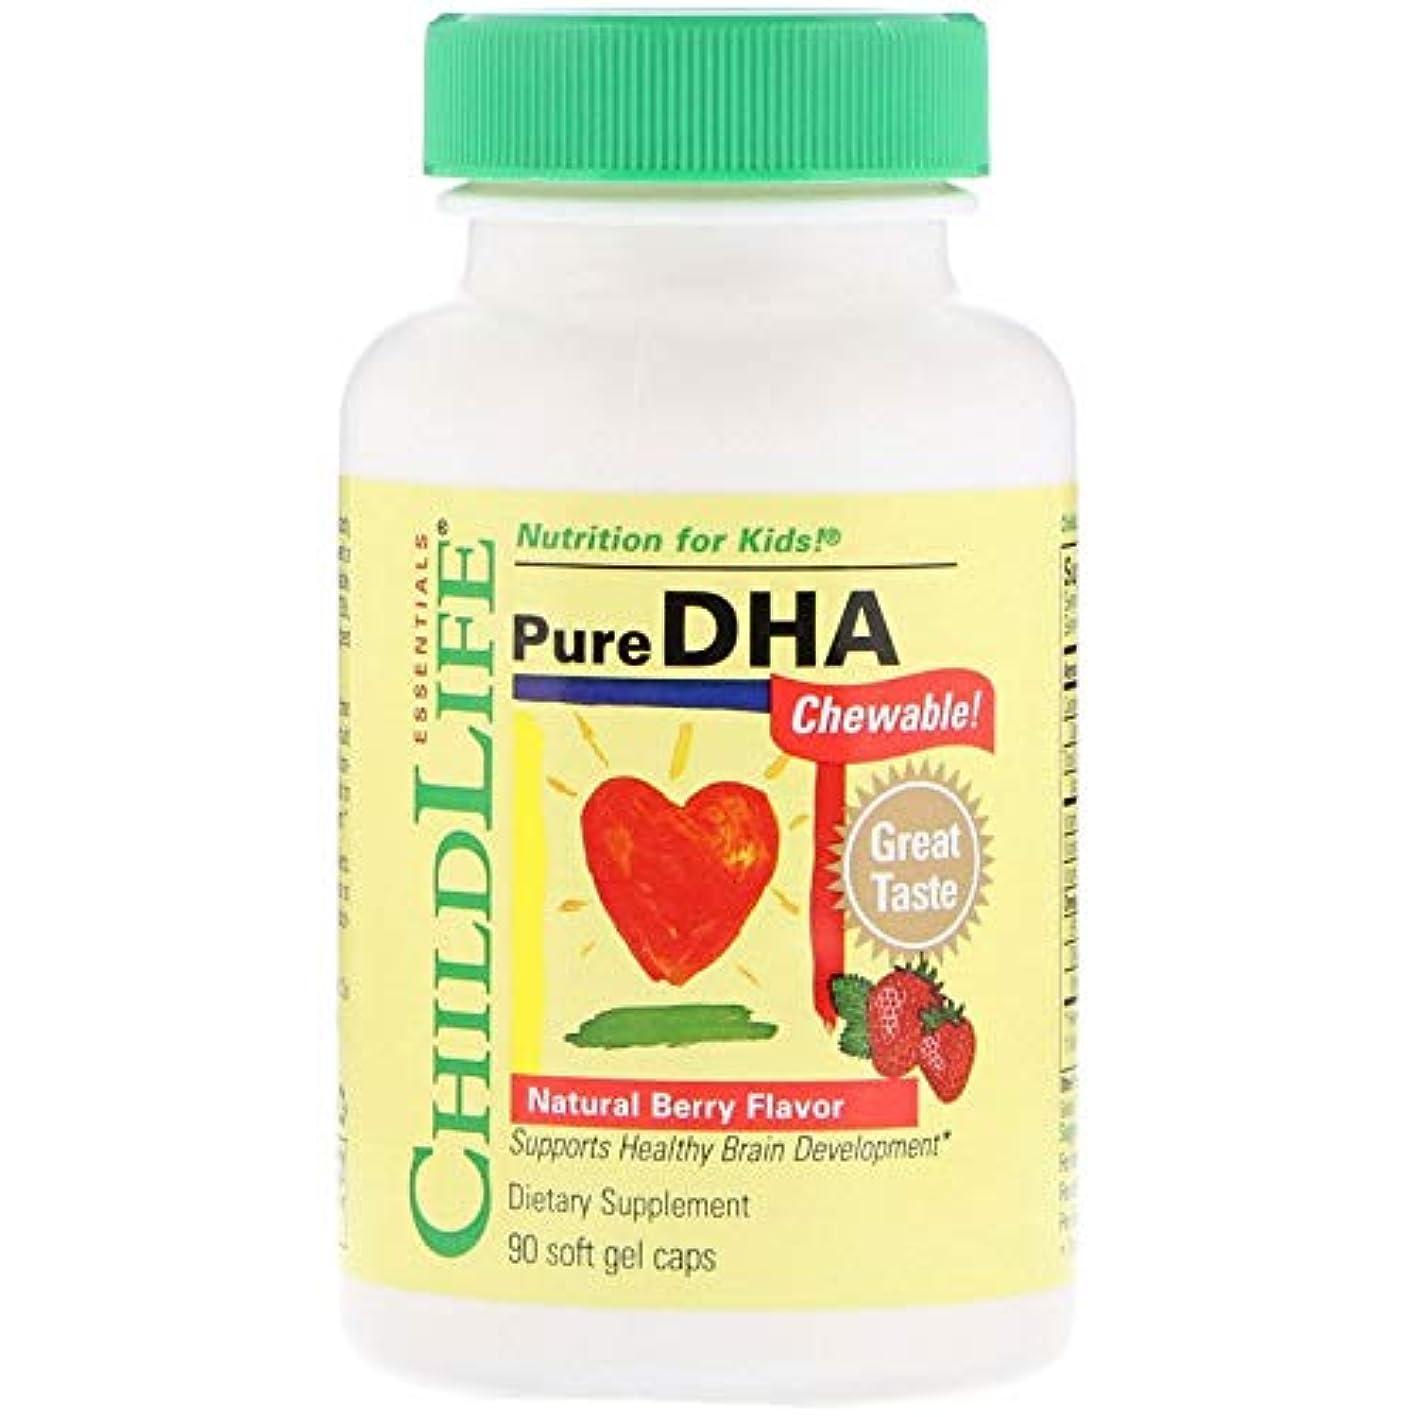 キャンパス民主党スキル海外並行輸入品Child Life Essentials Pure Dha, 4 PACK X 90 Softgels 250 mg